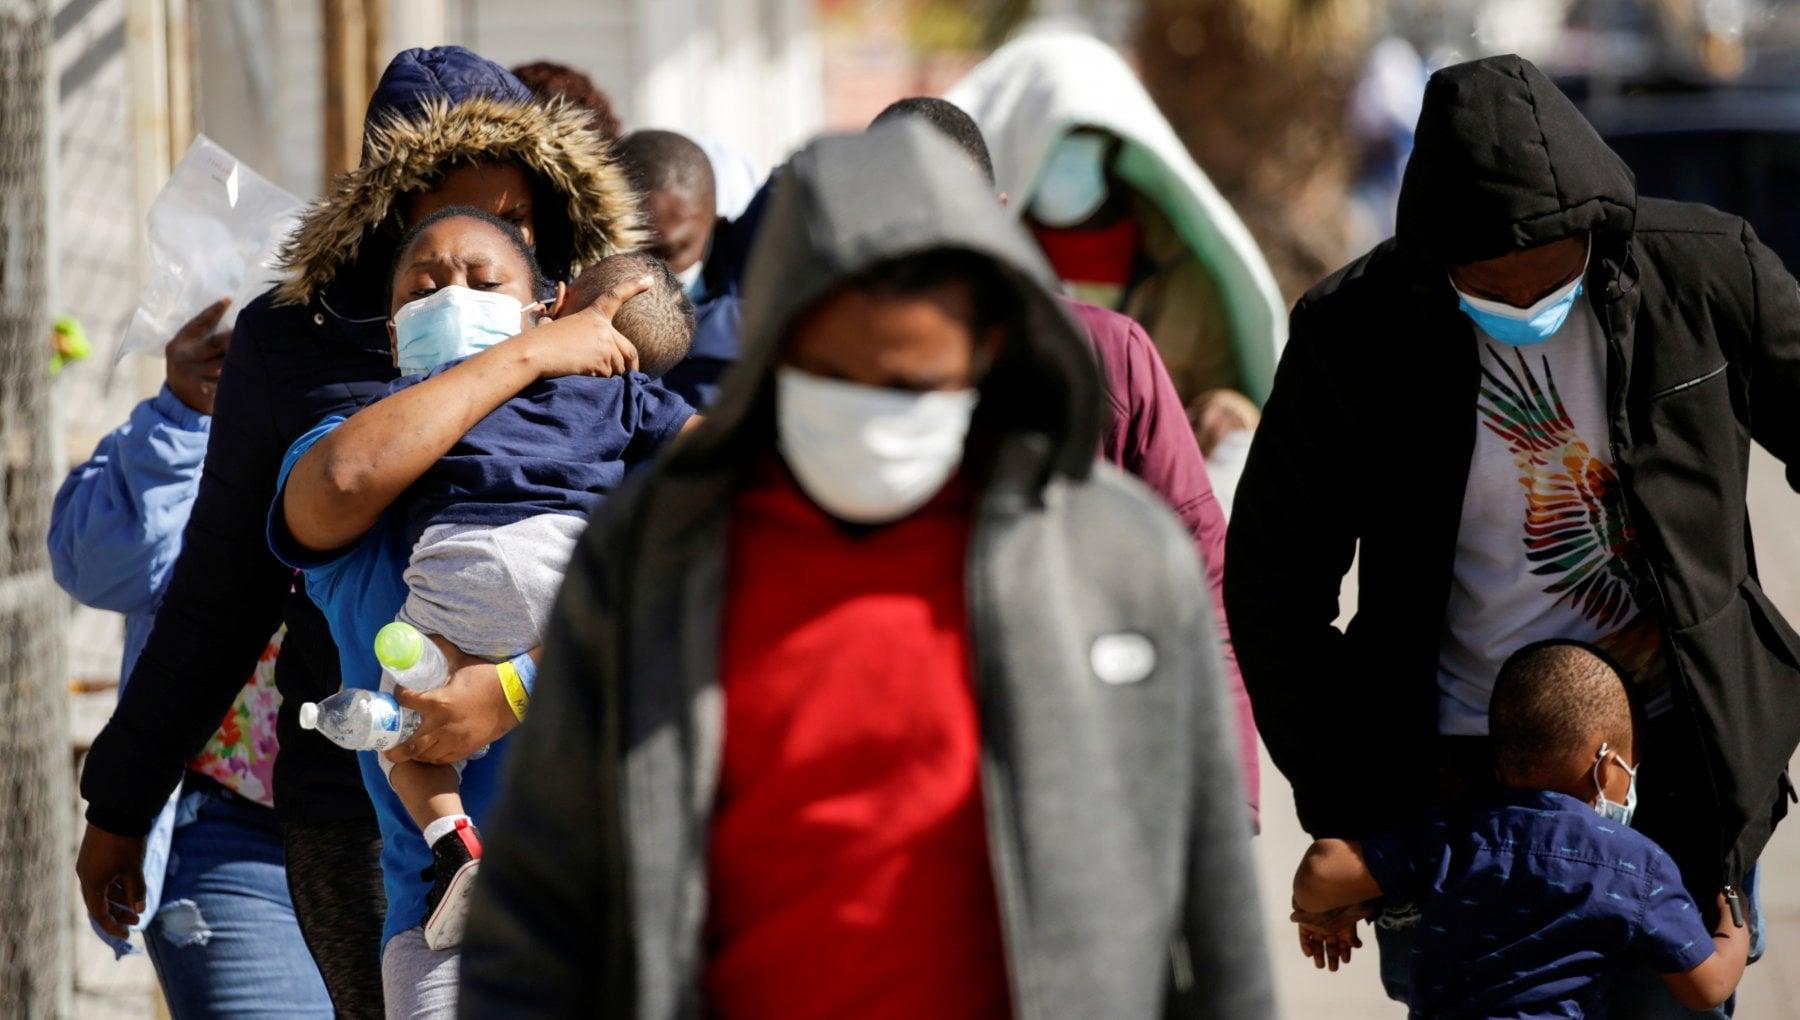 063817441 14564f36 74bc 43a1 ab6a 402462320156 - Coronavirus nel mondo, Oxford avvia studio su efficacia mix vaccini diversi. Usa, superati i 450mila morti